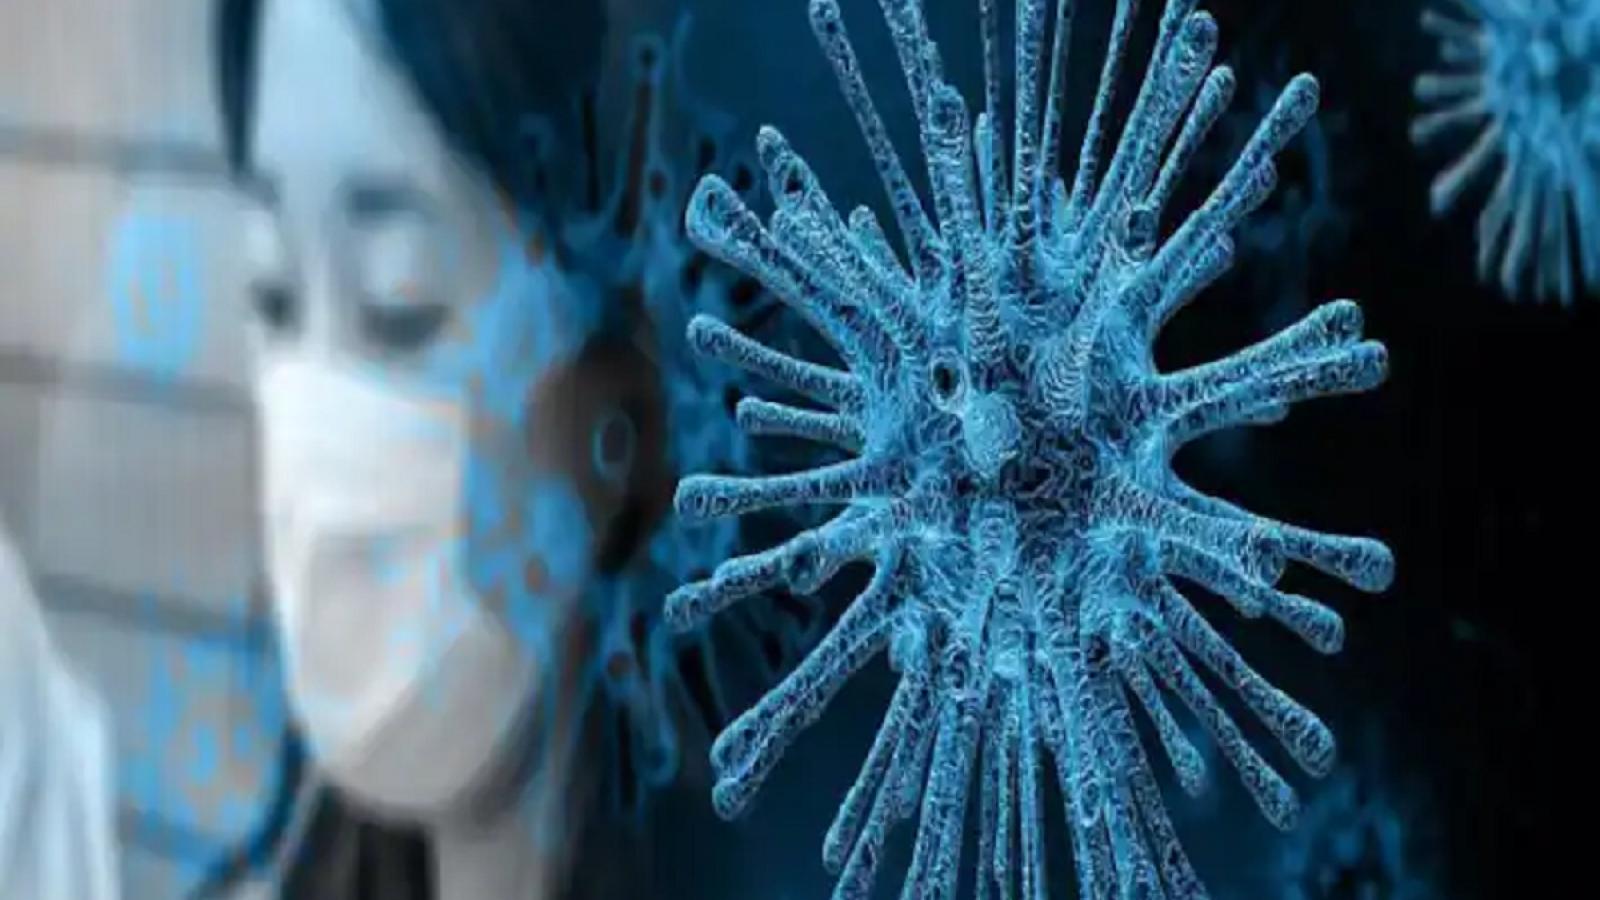 5 yếu tố nguy cơ khiến tình trạng nhiễm COVID-19 ở phụ nữ nặng hơn